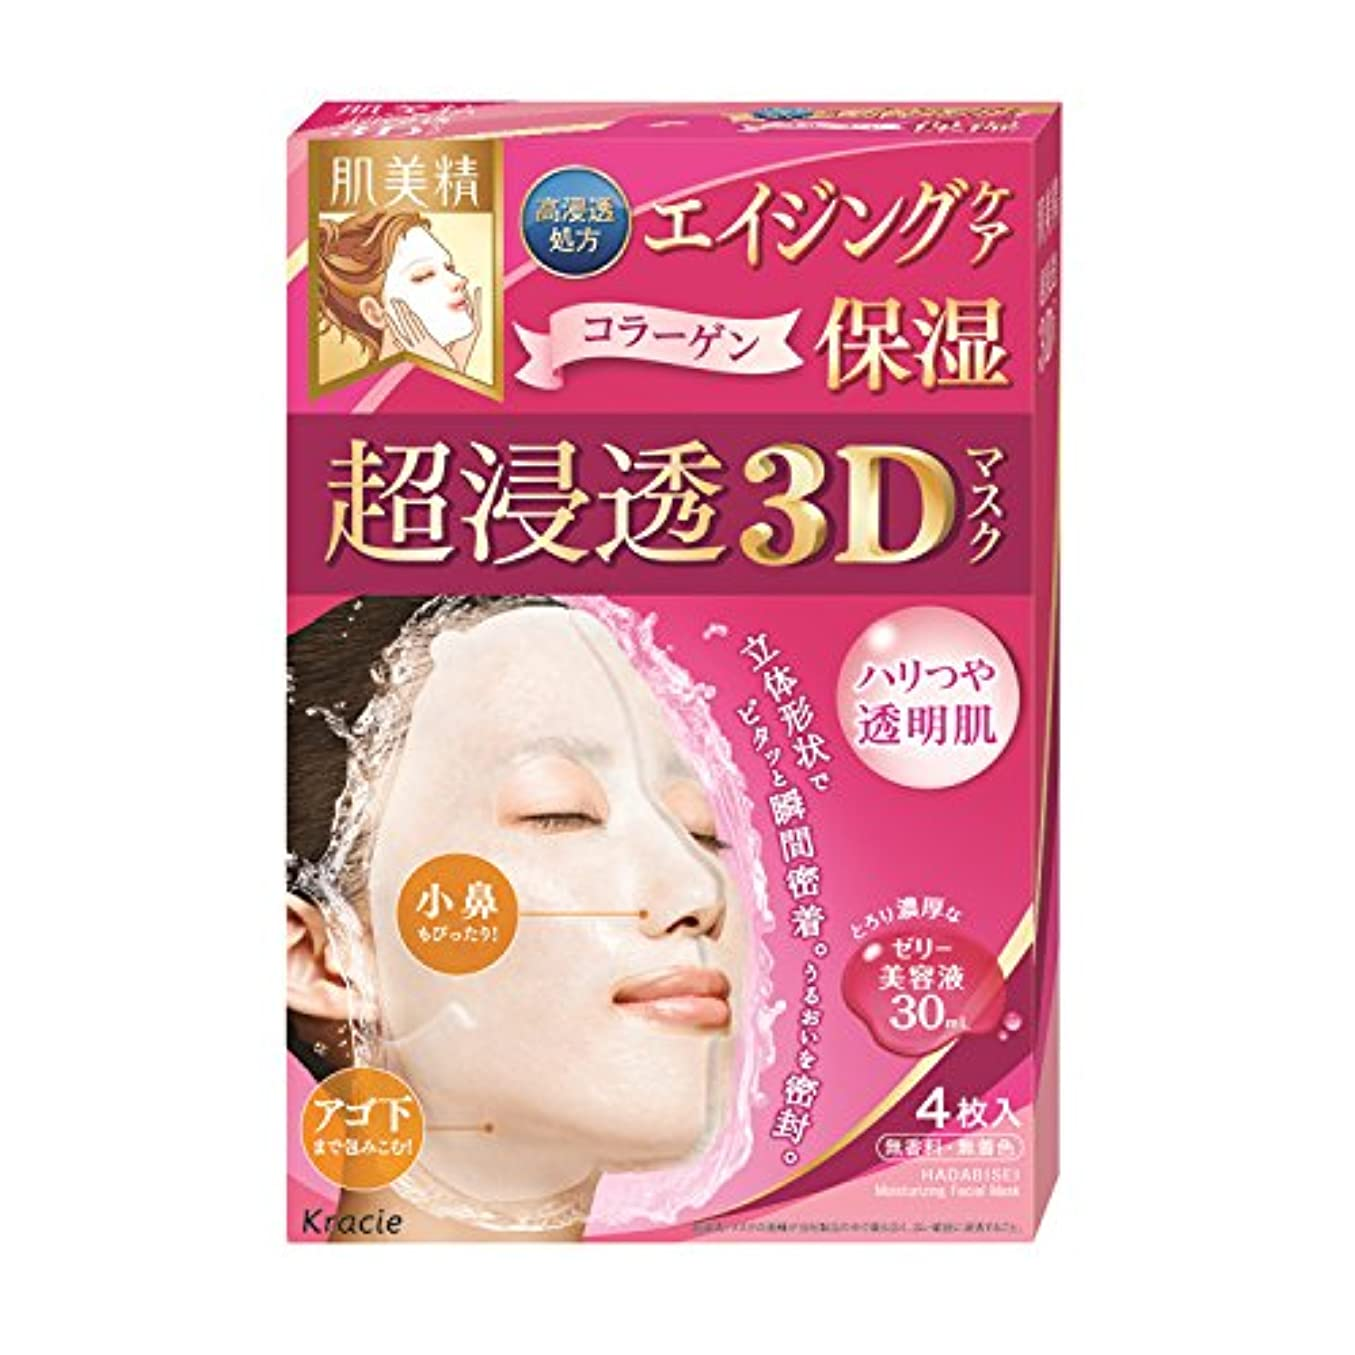 連続的プーノ香港肌美精 超浸透3Dマスク (エイジング保湿) 4枚